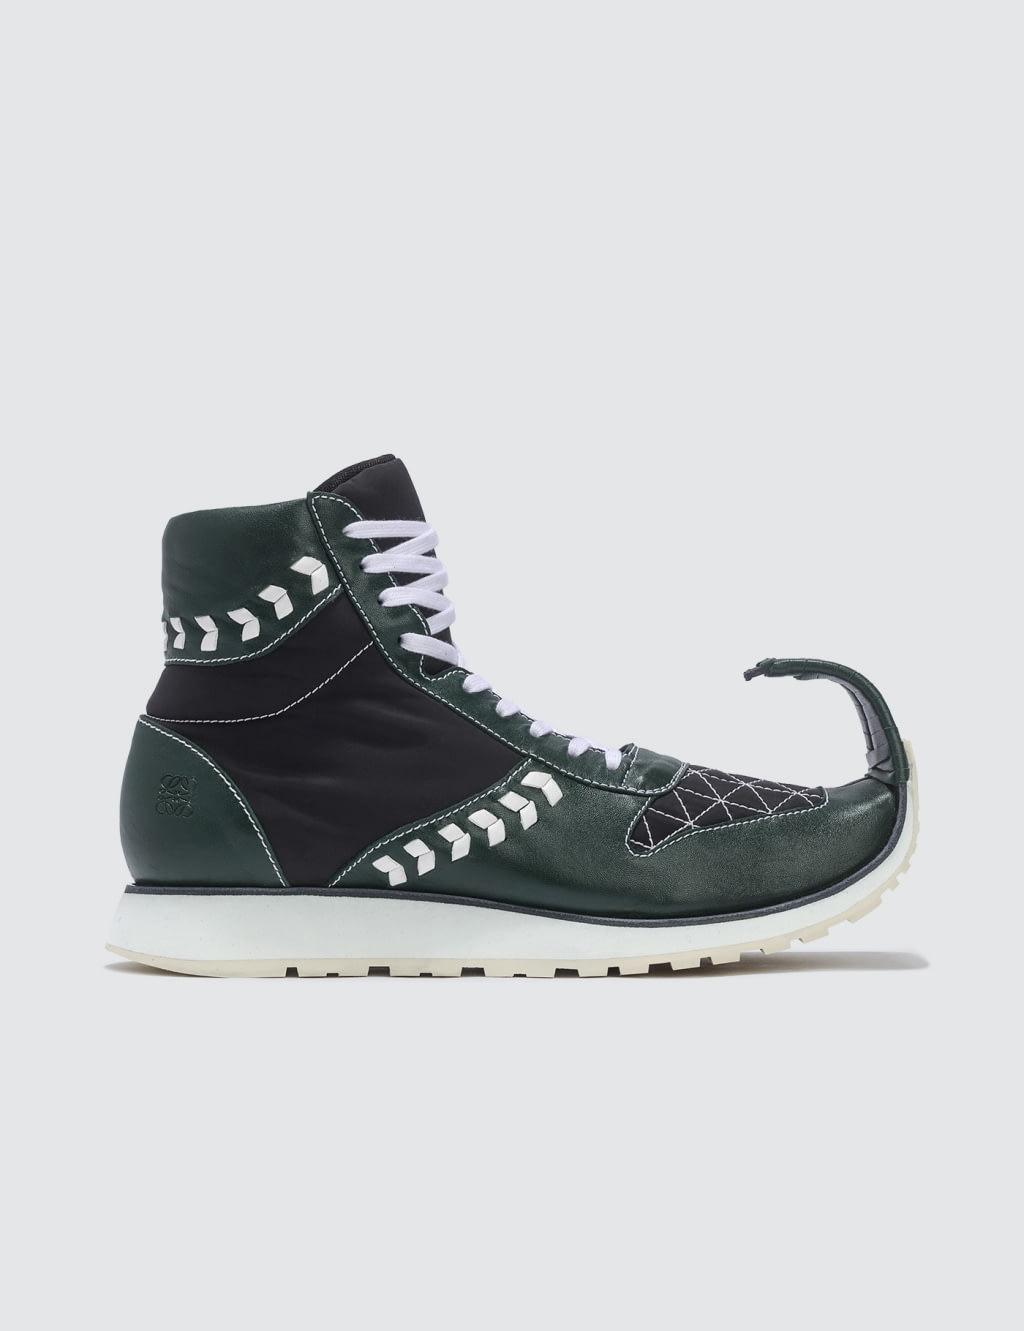 Loewe Exclusive High Top Dinosaur Sneaker